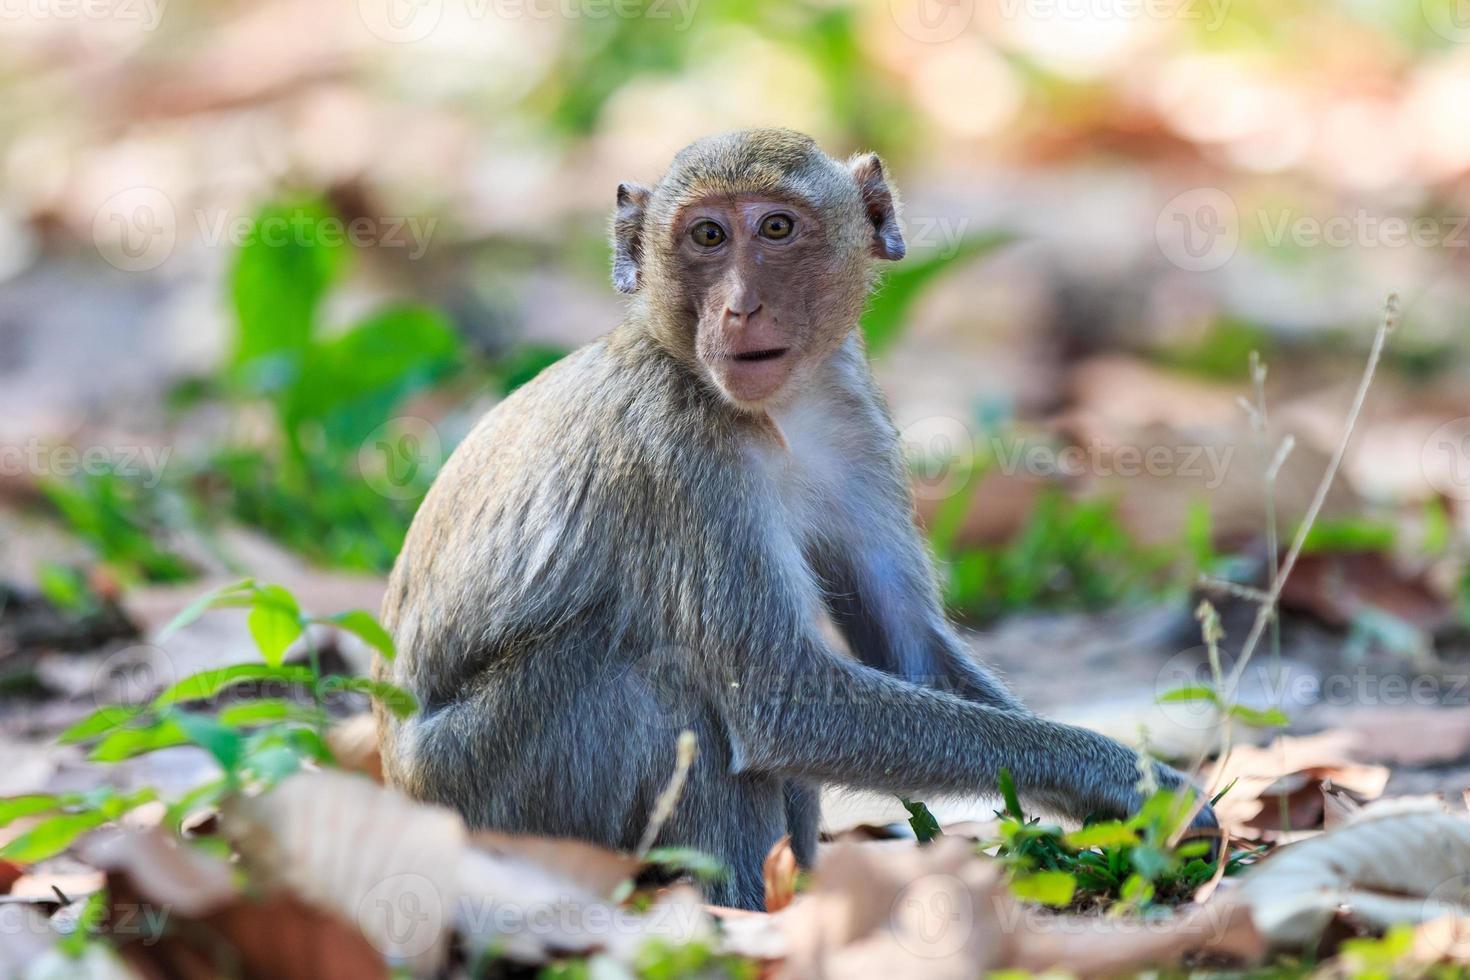 (krab-etende makaak) aap in Thailand foto